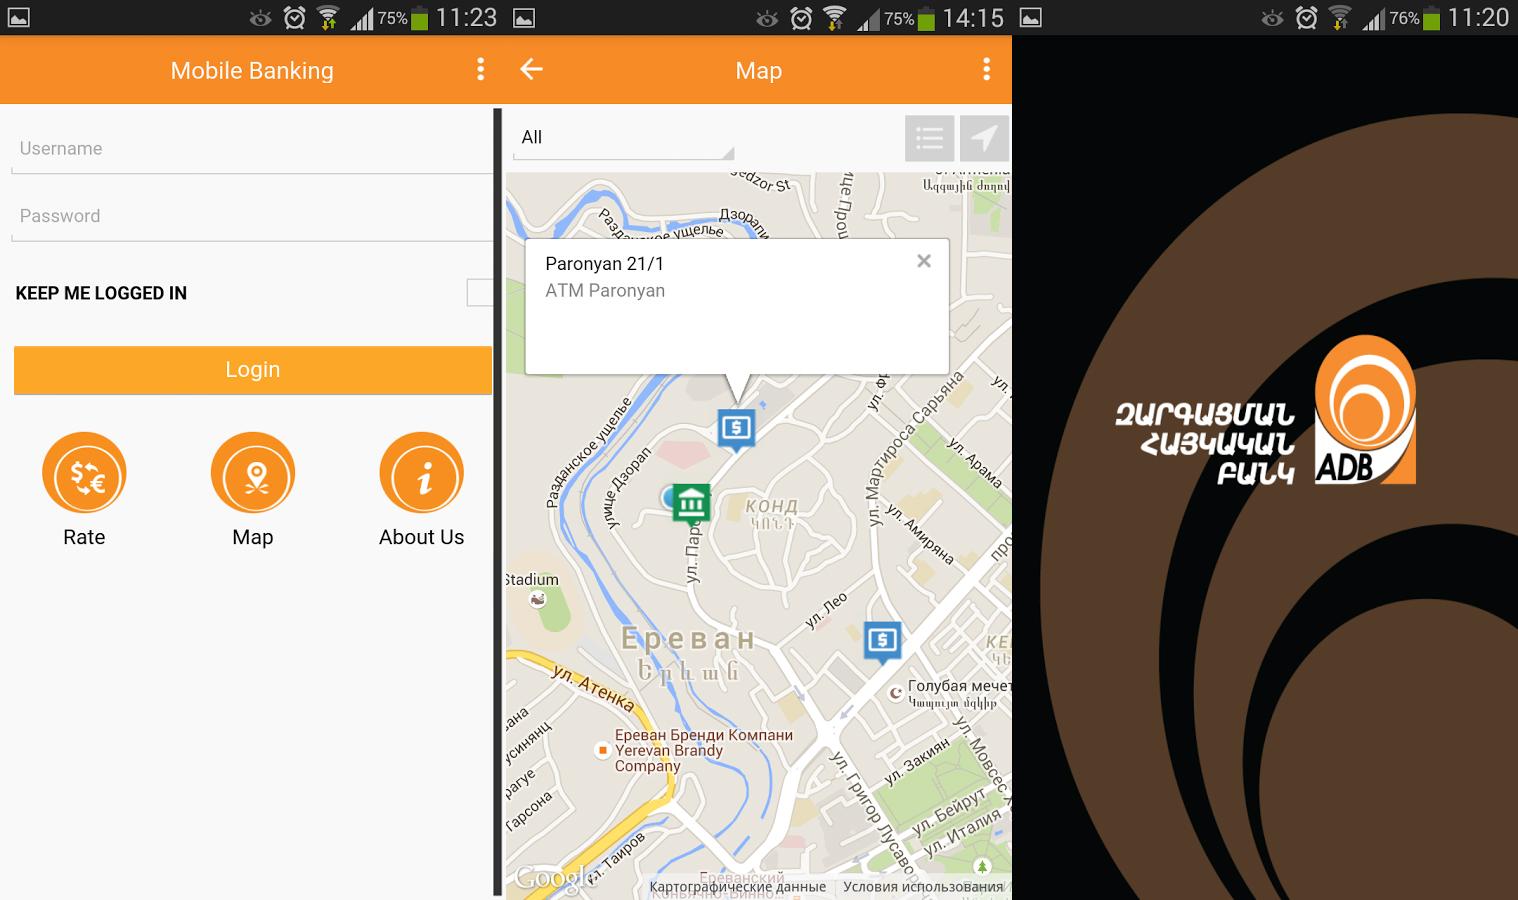 Զարգացման Հայկական Բանկը գործարկել է ADB- Mobile բջջային հավելվածը